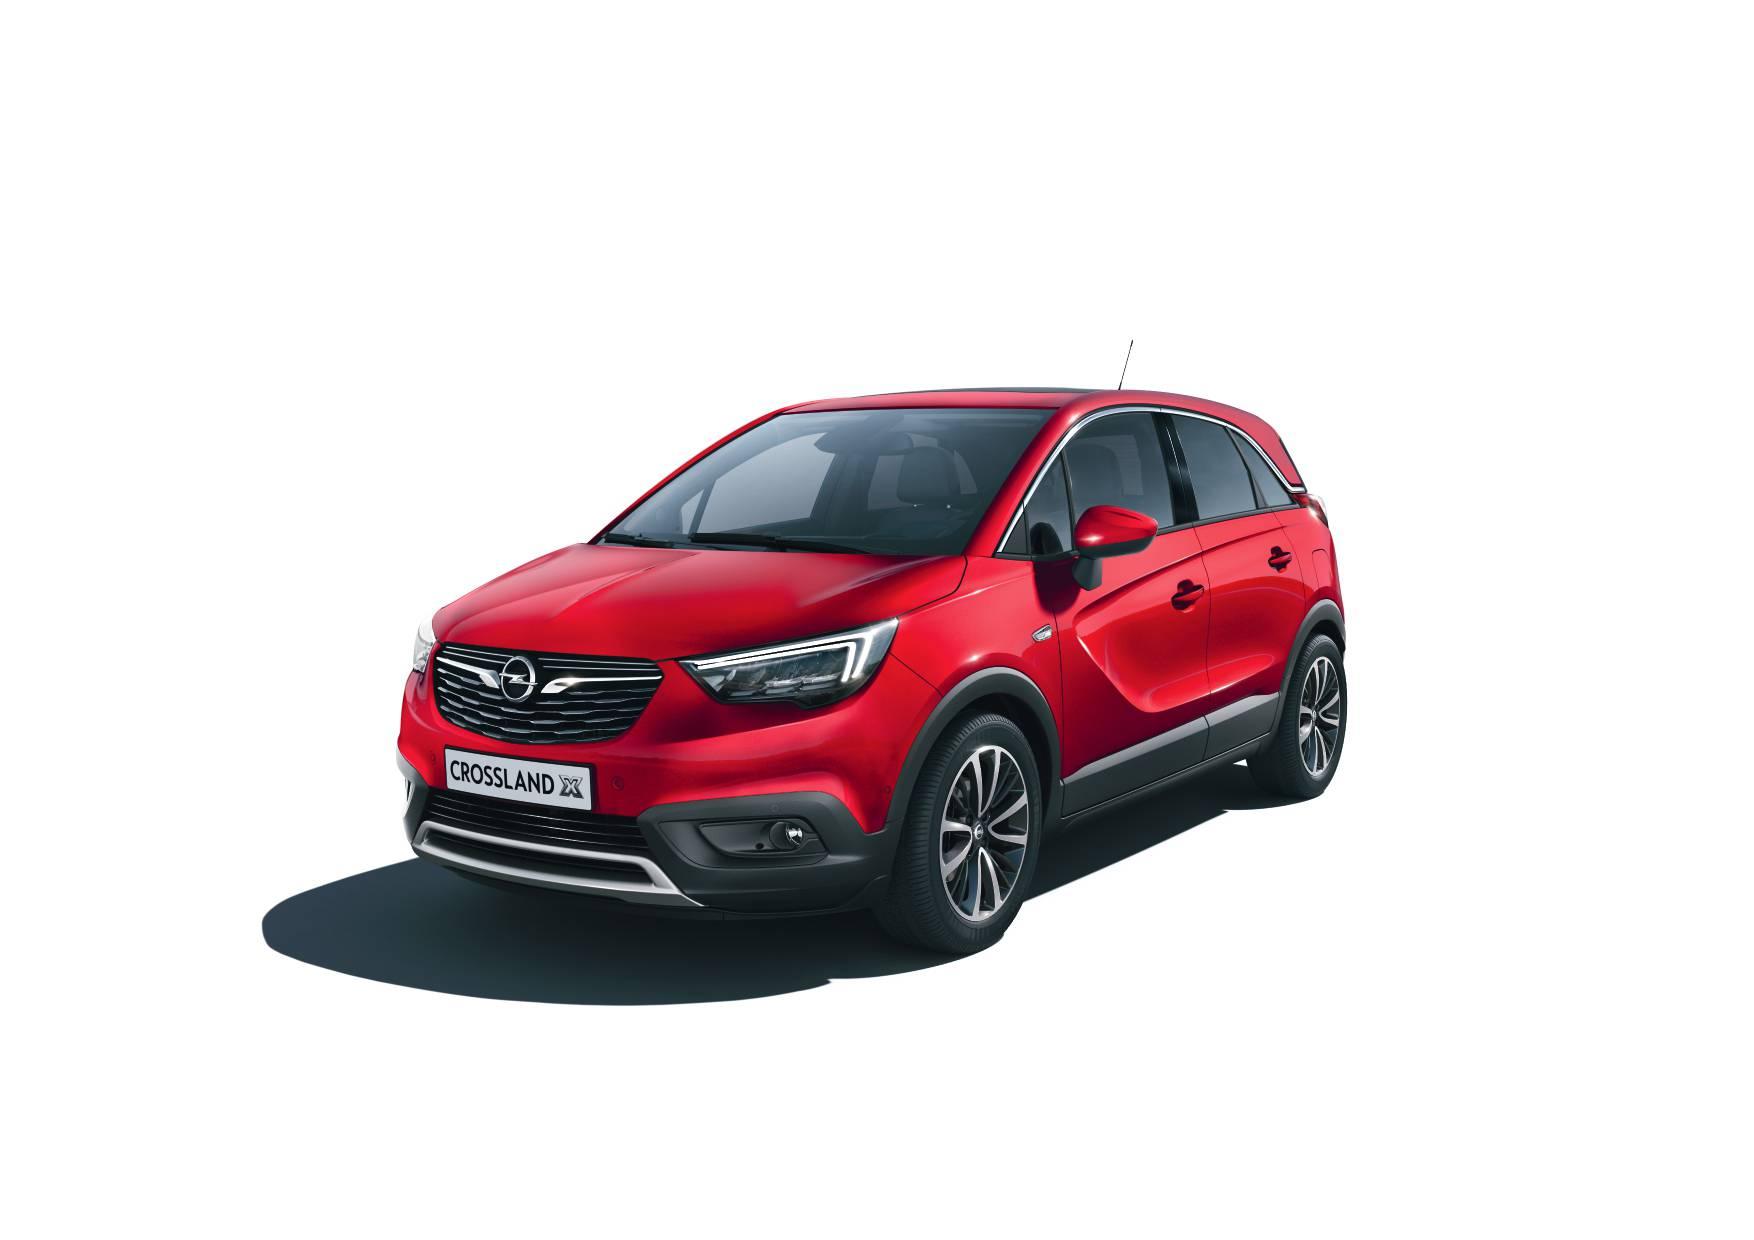 Od utorka: Zaigraj i osvoji fantastični Opel Crossland X